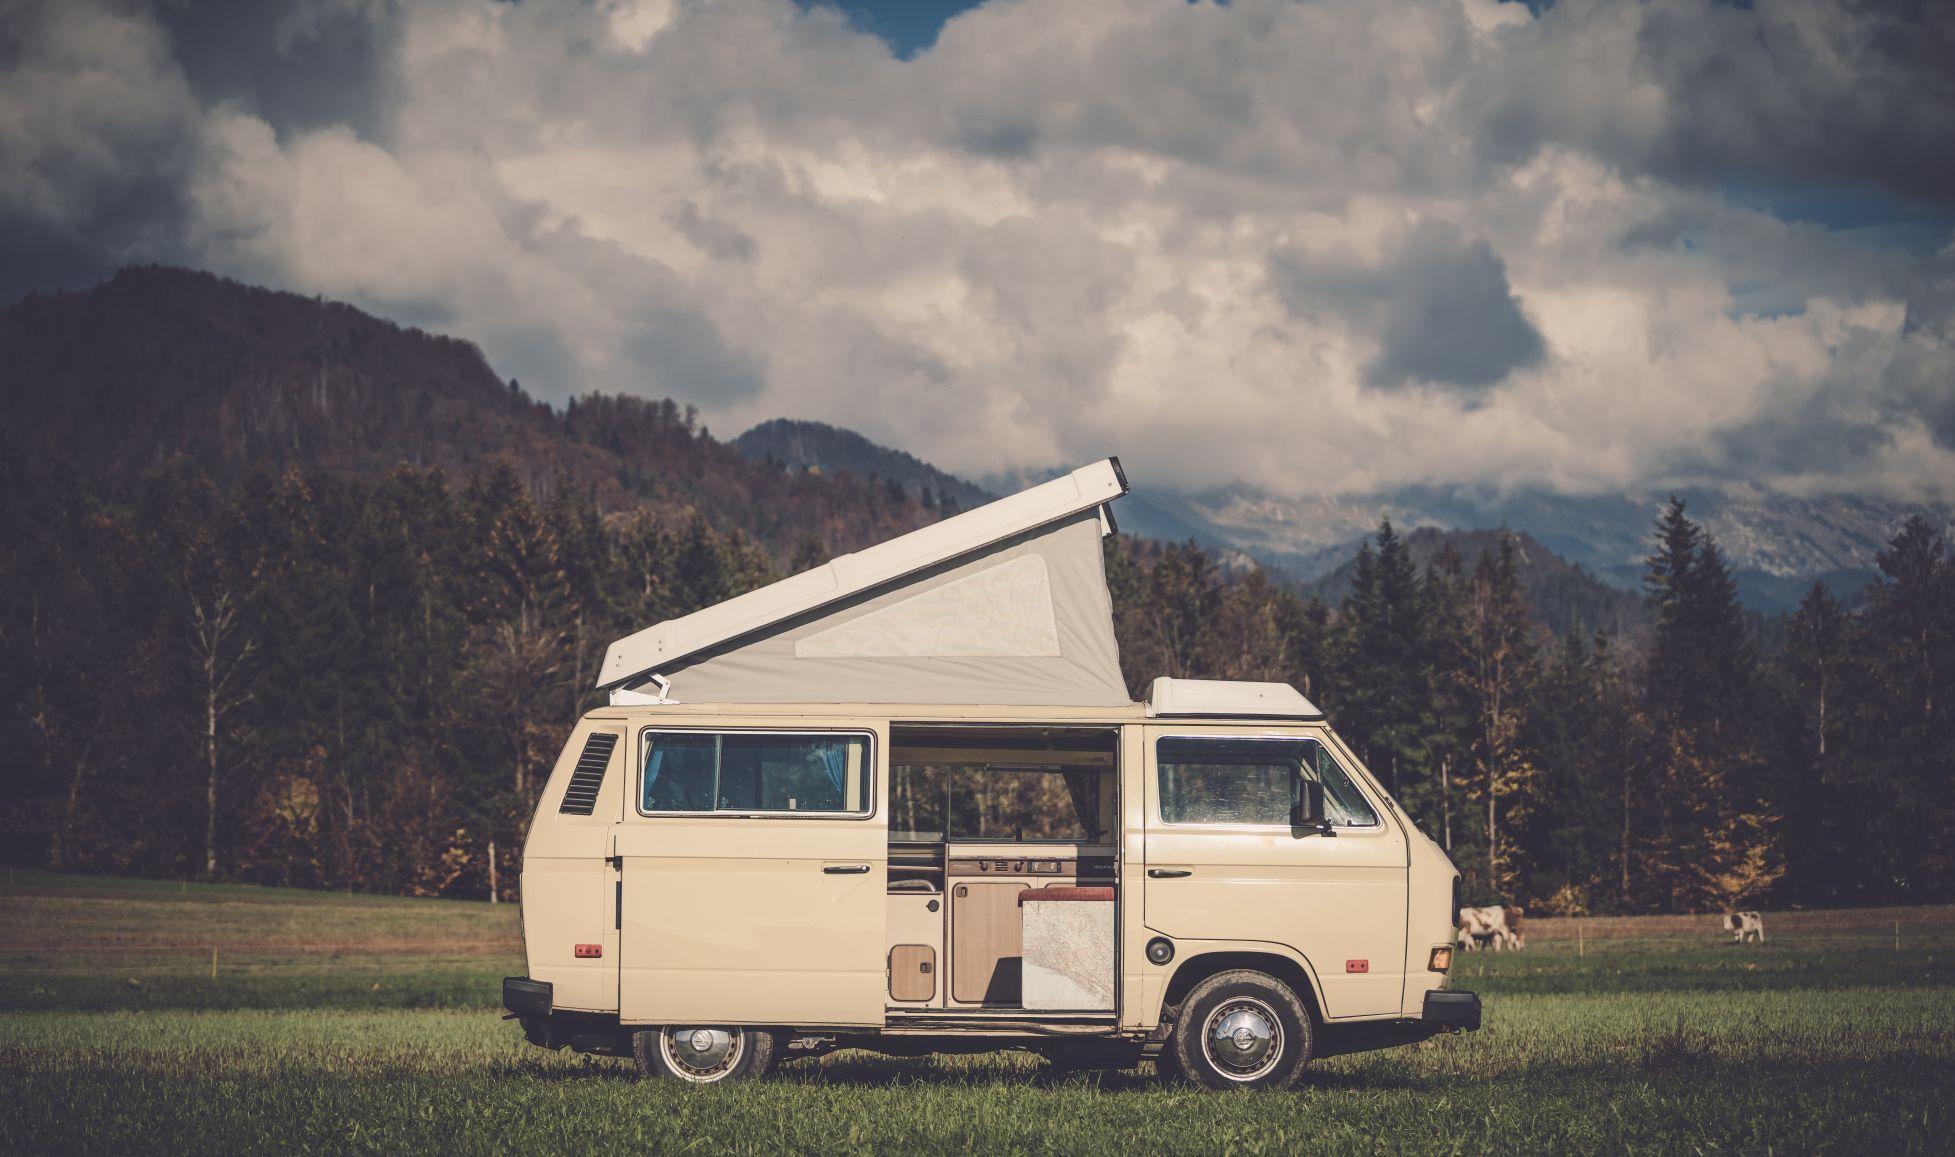 Urlaub im Wohnmobil – Was ist wichtig für den perfekten Caravanurlaub?